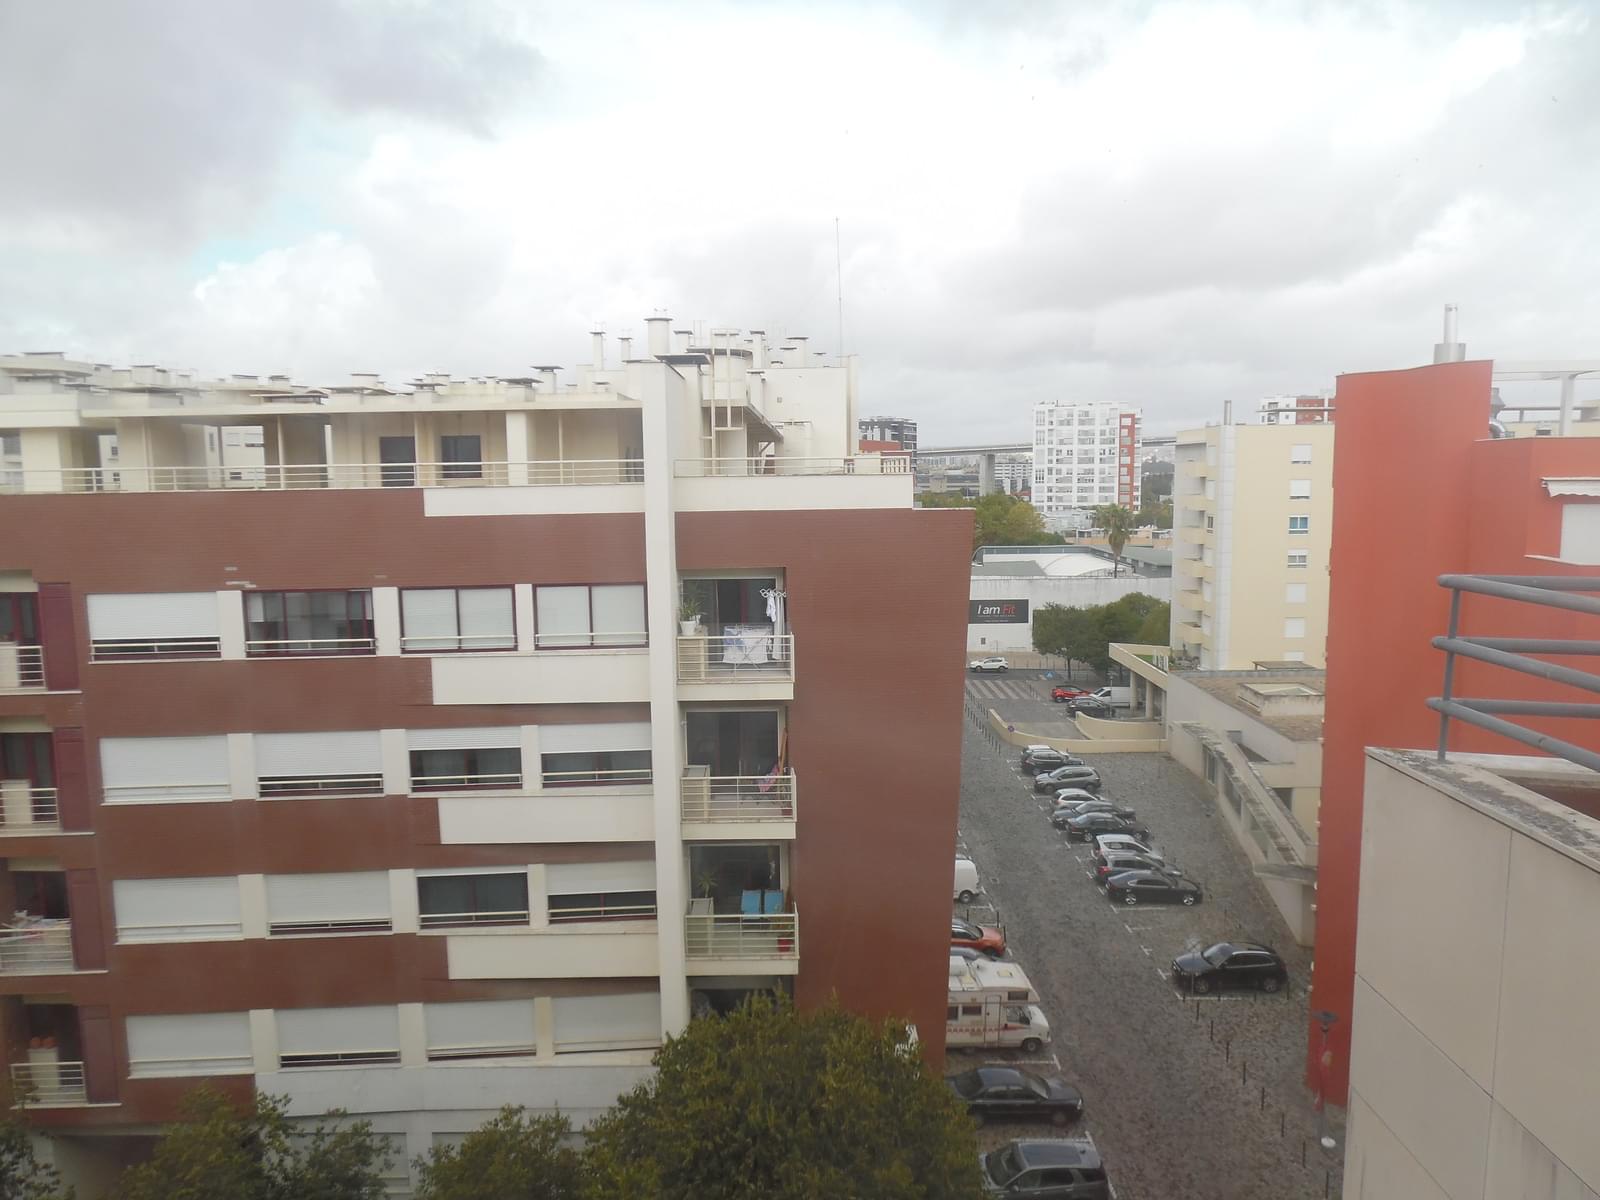 pf18329-apartamento-t1-lisboa-75bc3cd2-503a-4b8d-a3d7-a107c1283c42